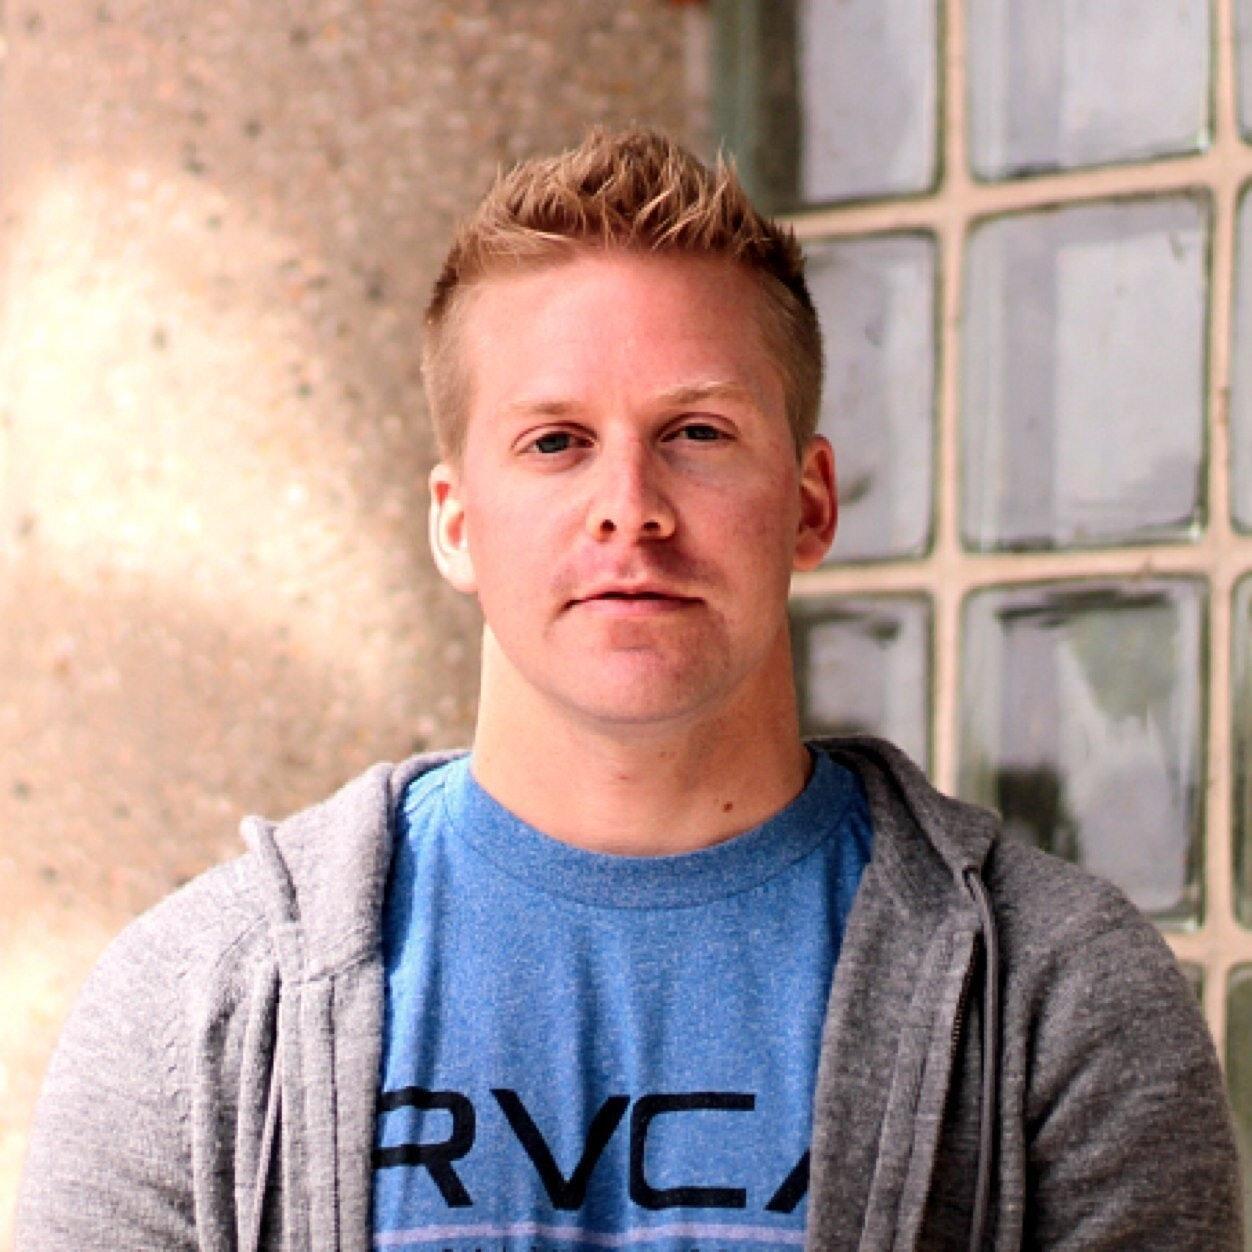 Nate Buckwalter